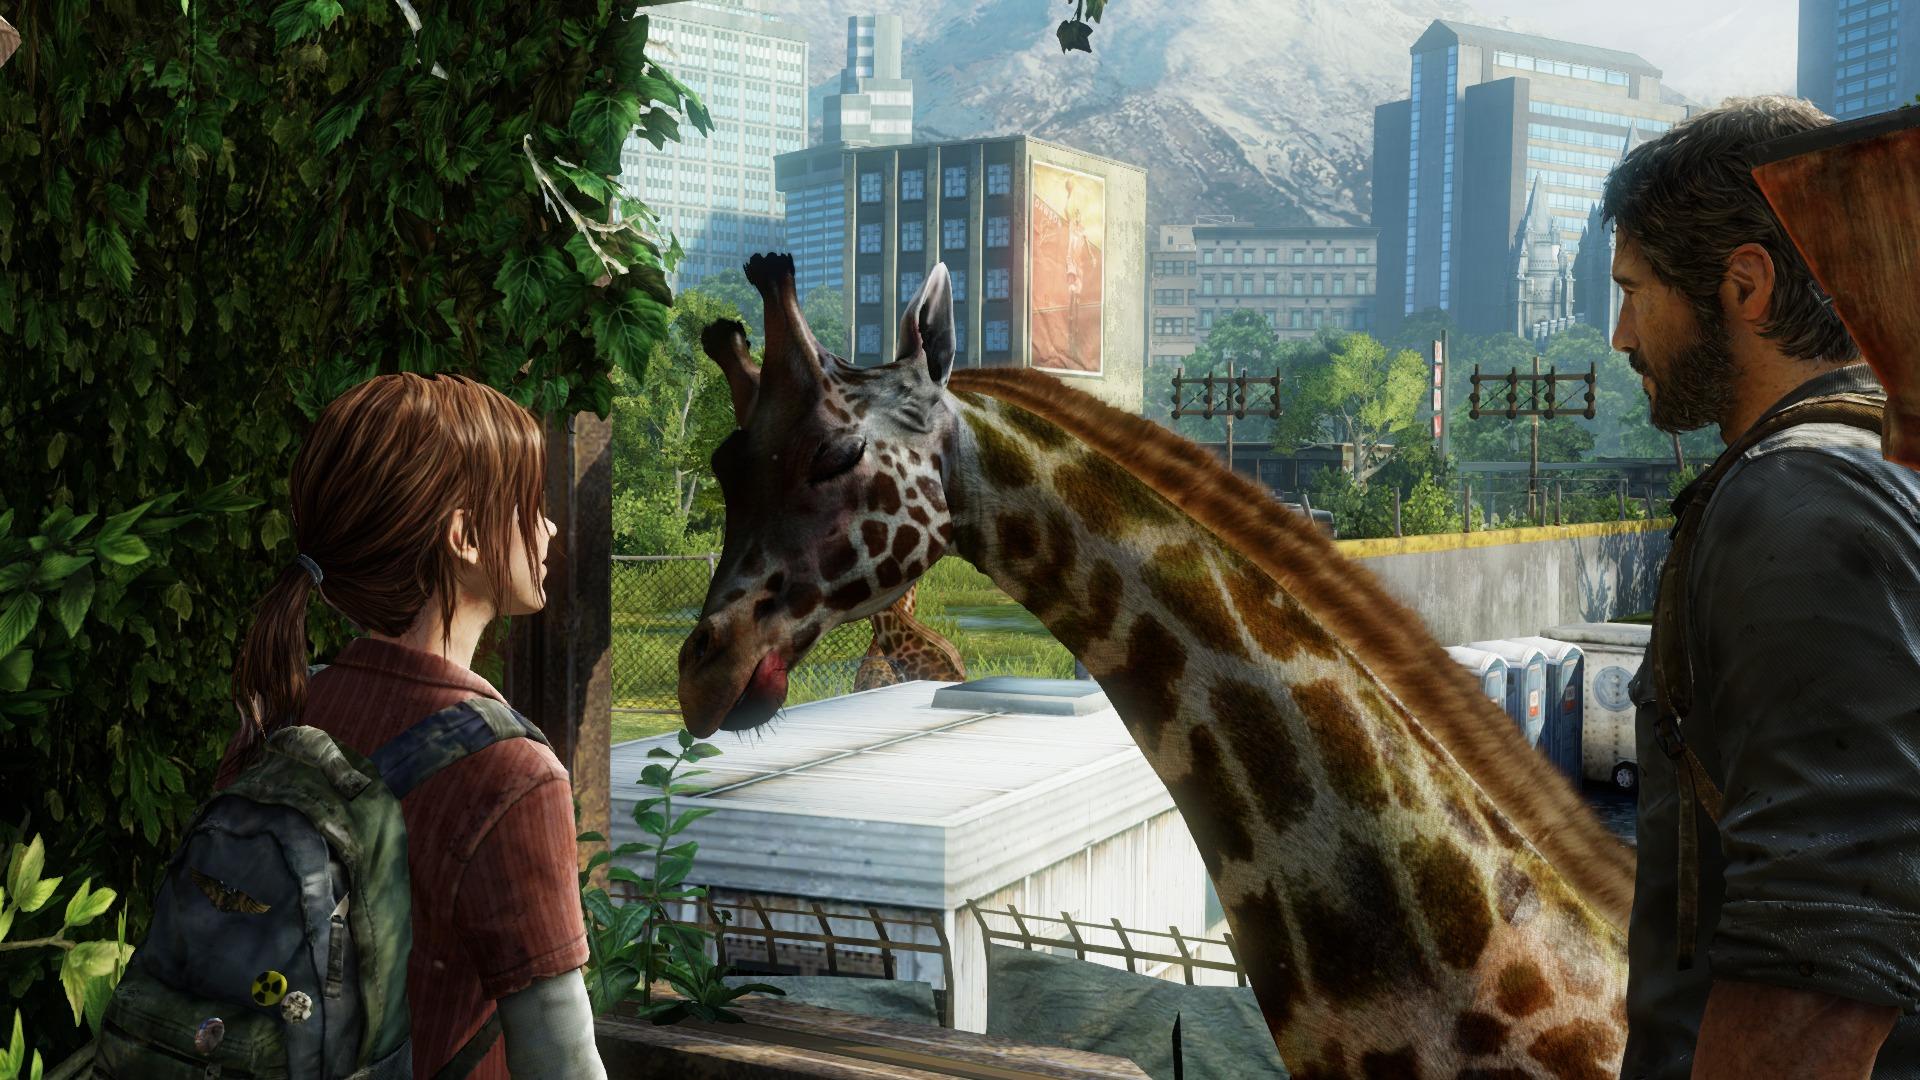 лучшаяигравистории - The Last of Us